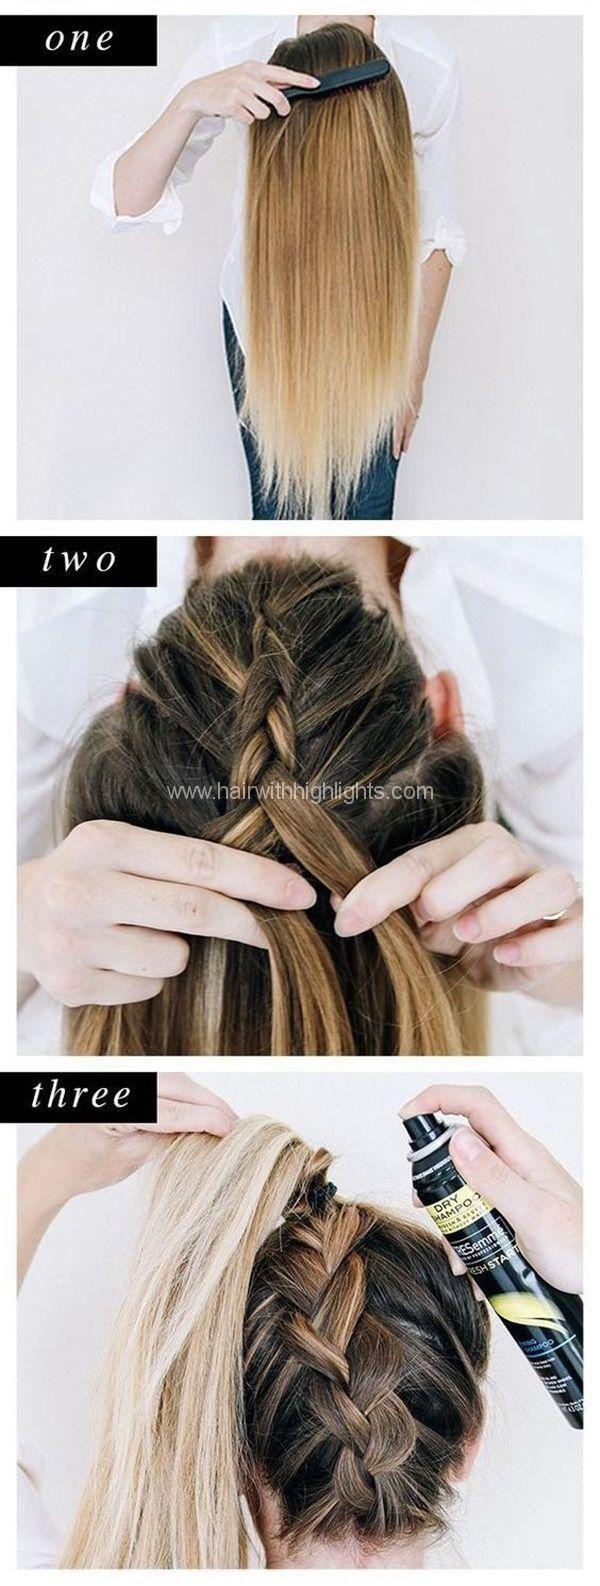 Wir hoffen, dass unsere neueste Kollektion von einfachen, schrittweisen Frisuren für Mädchen …